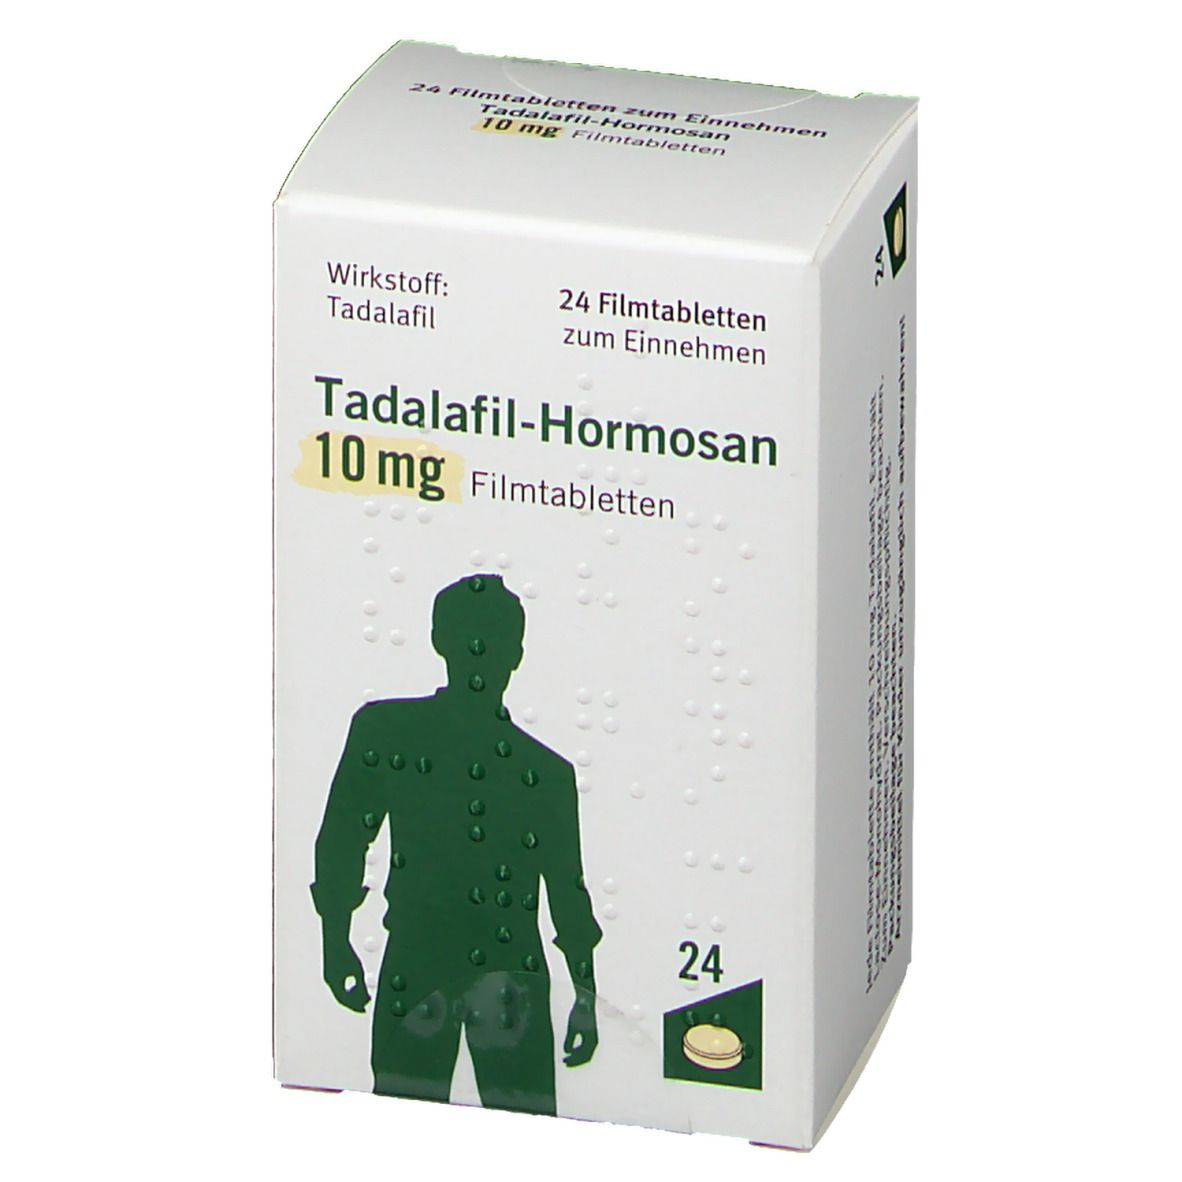 TADALAFIL-Hormosan 10 mg Filmtabletten